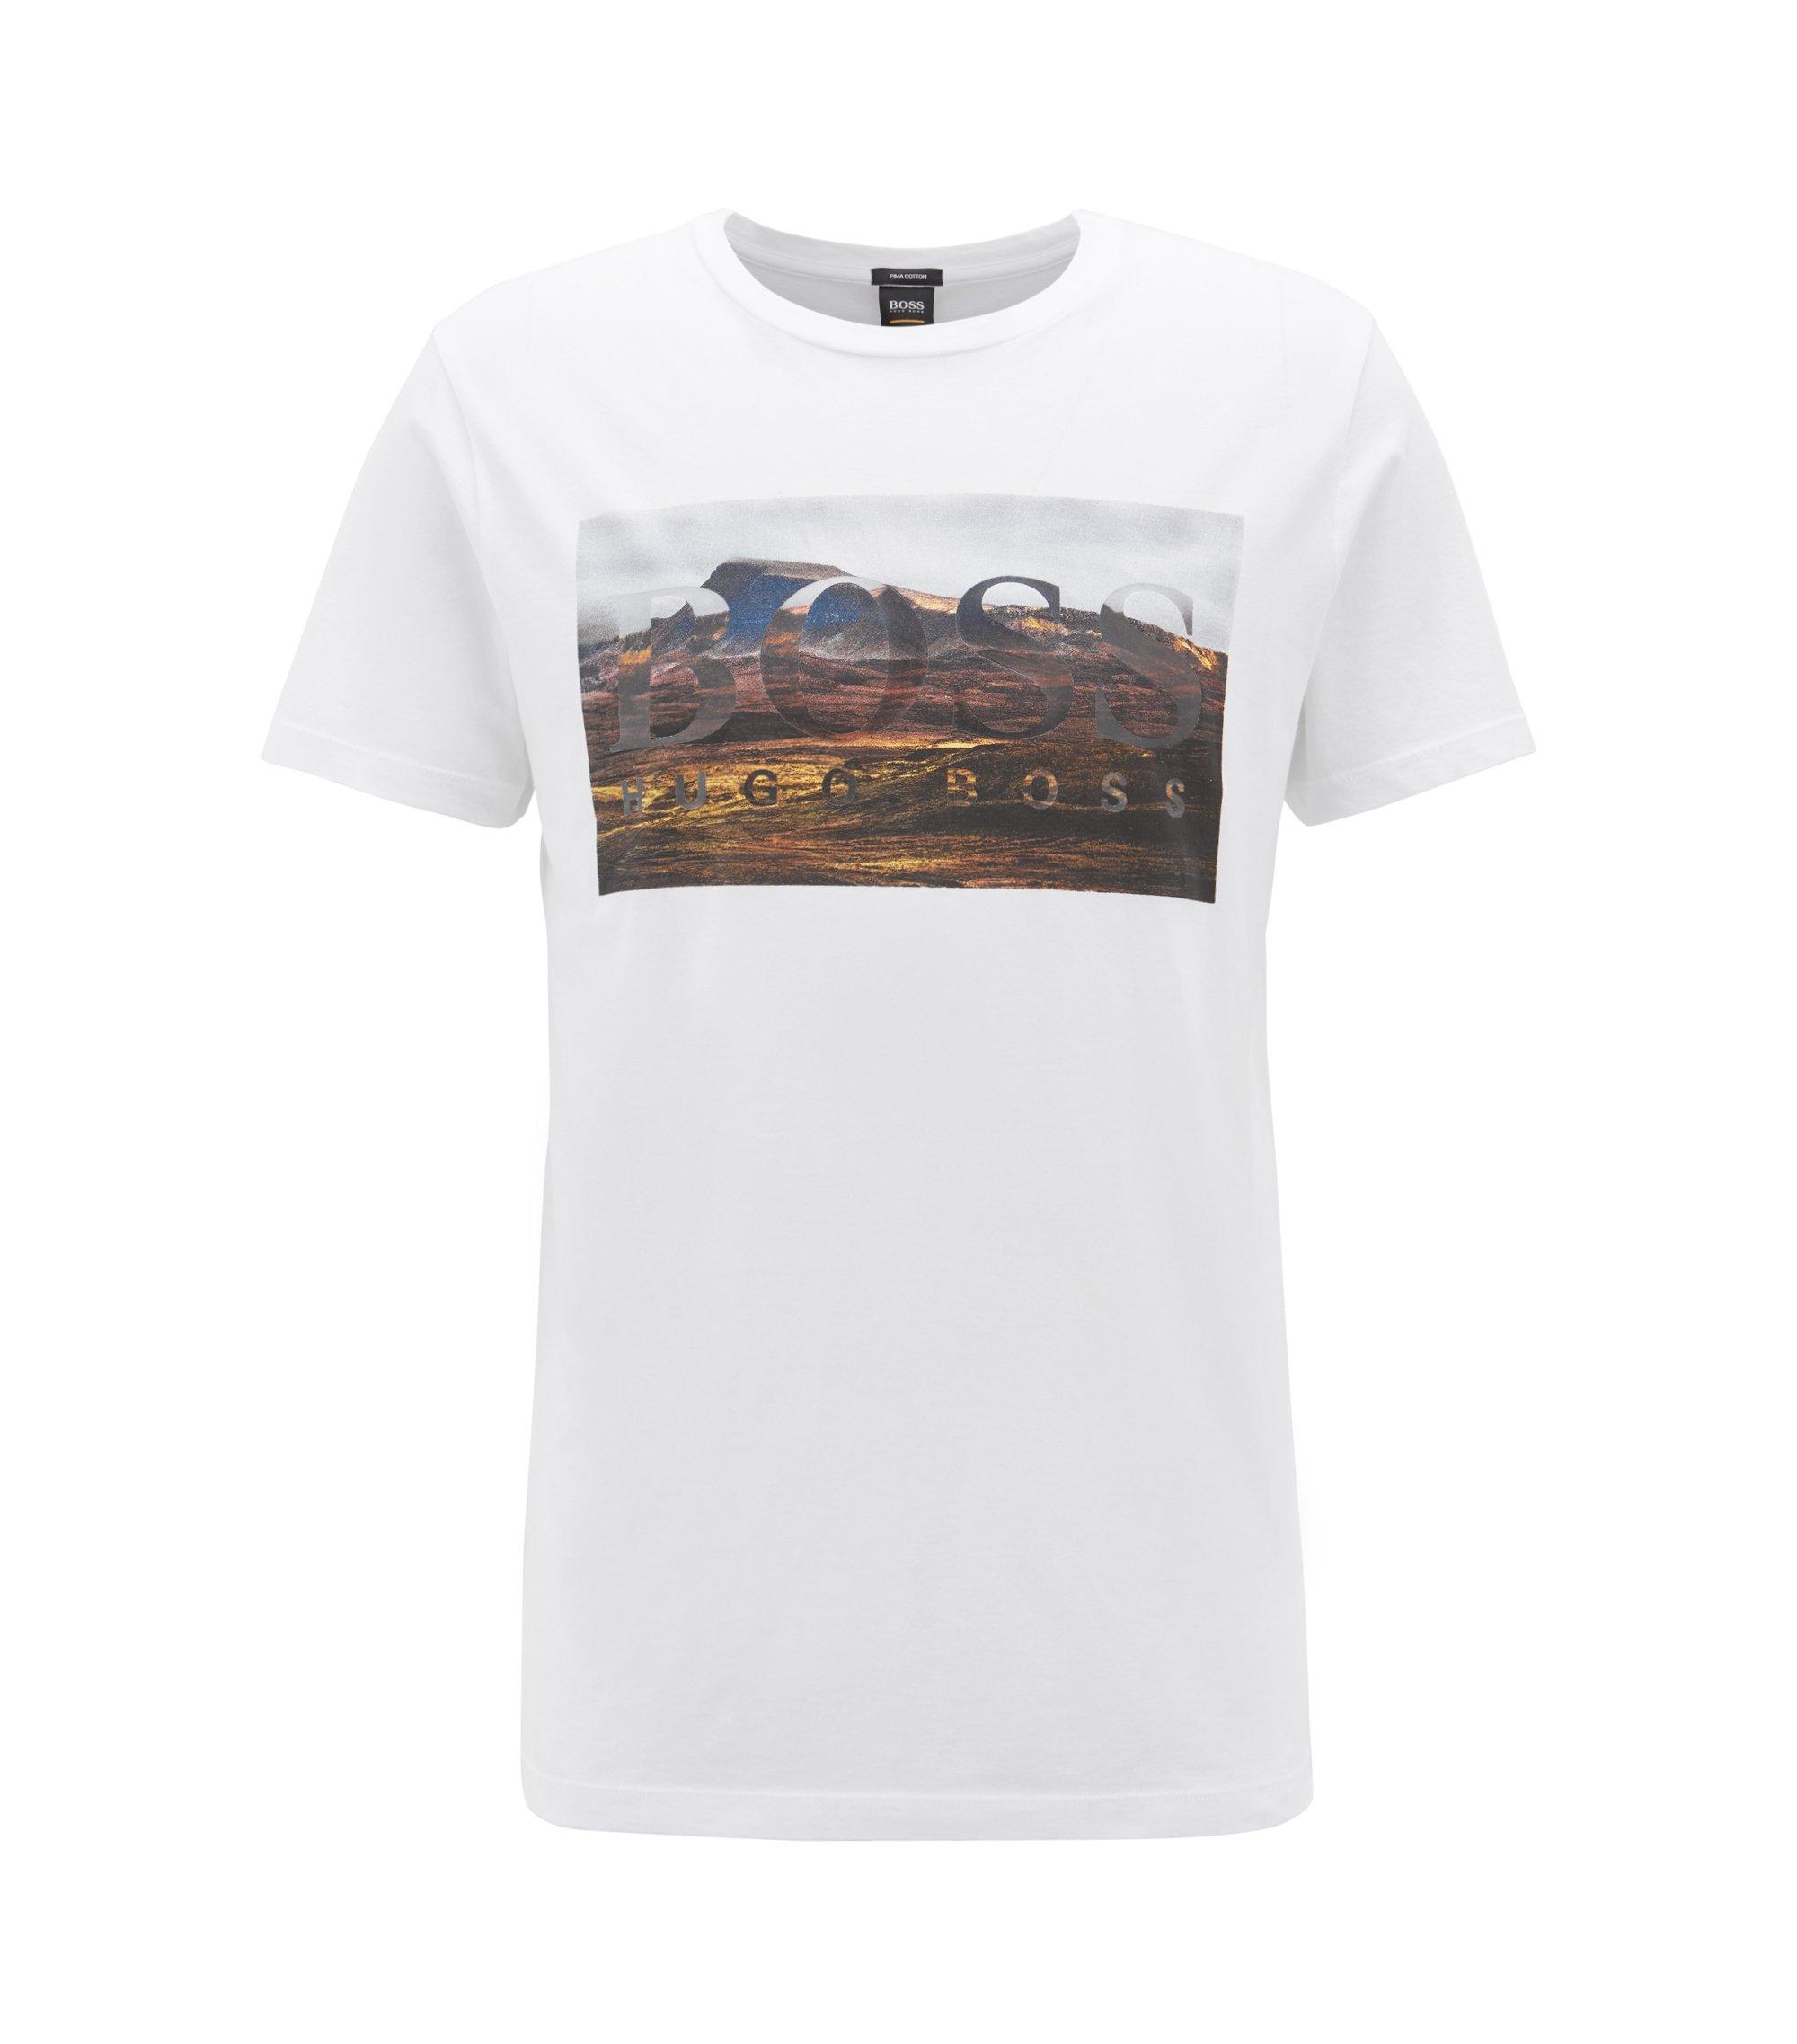 Camiseta gráfica de cuello redondo en algodón Pima lavado, Blanco